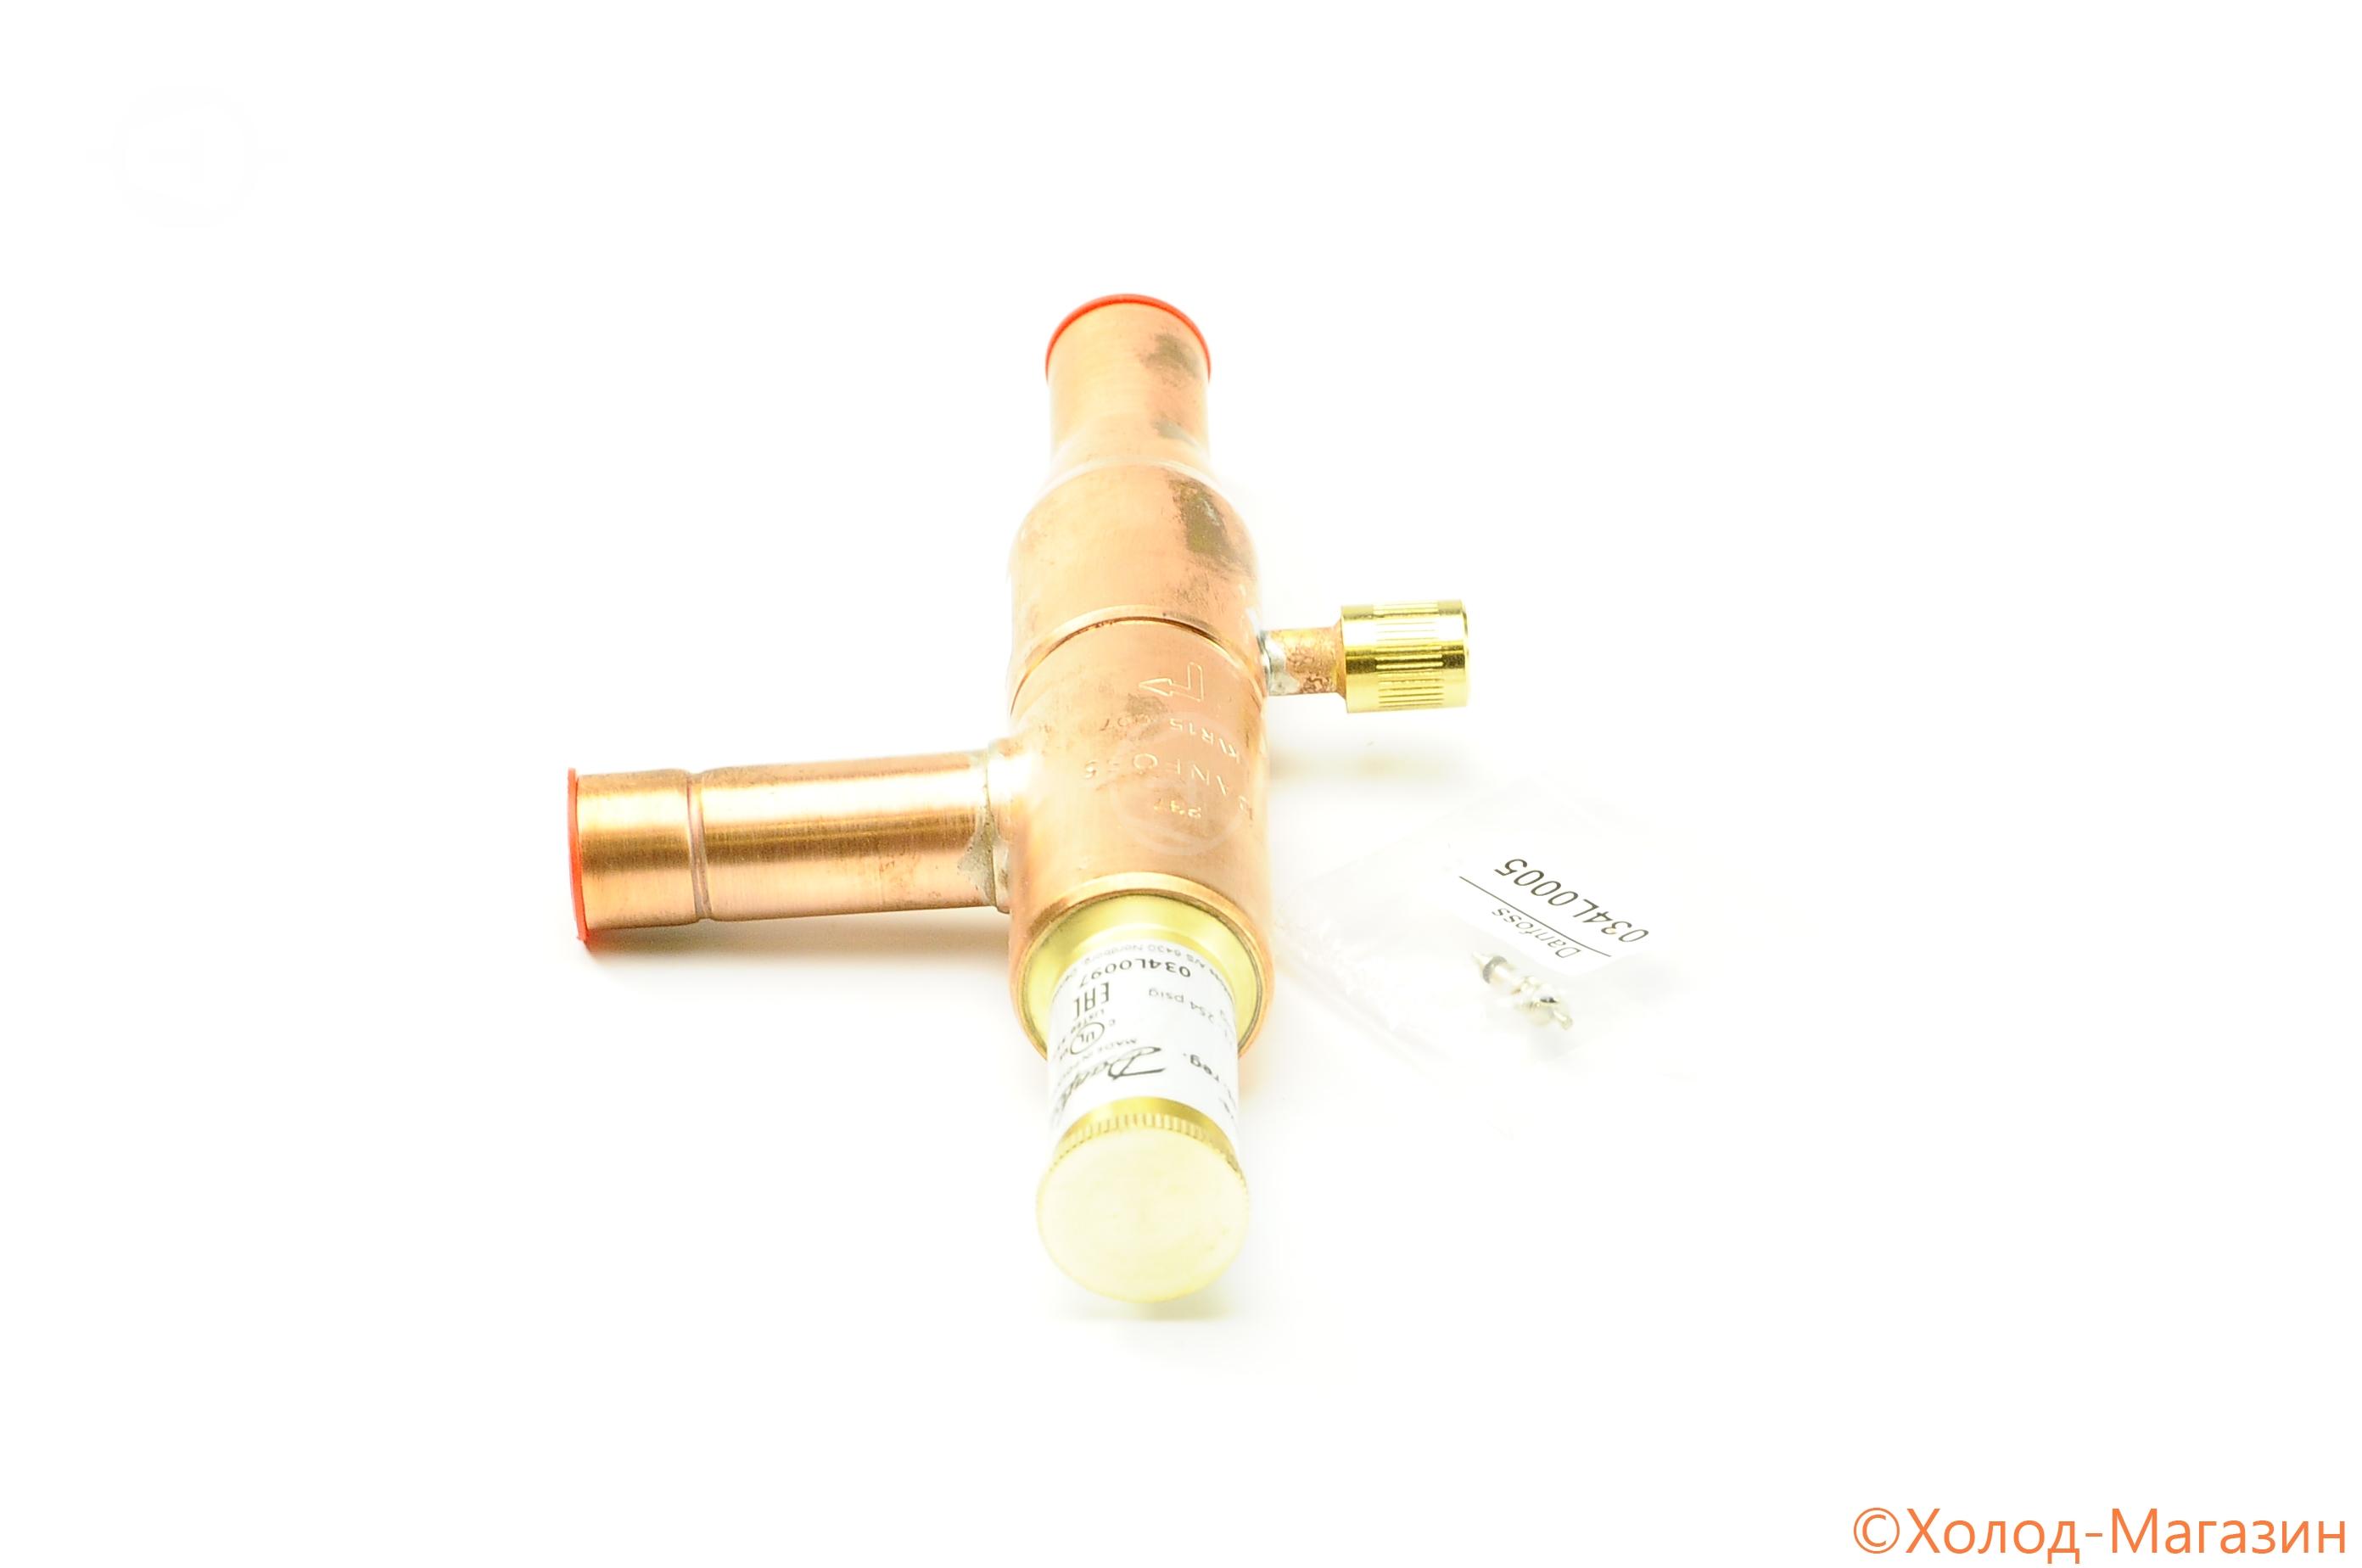 """Регулятор давления конденсации KVR 15 D16 (5/8""""), Danfoss"""